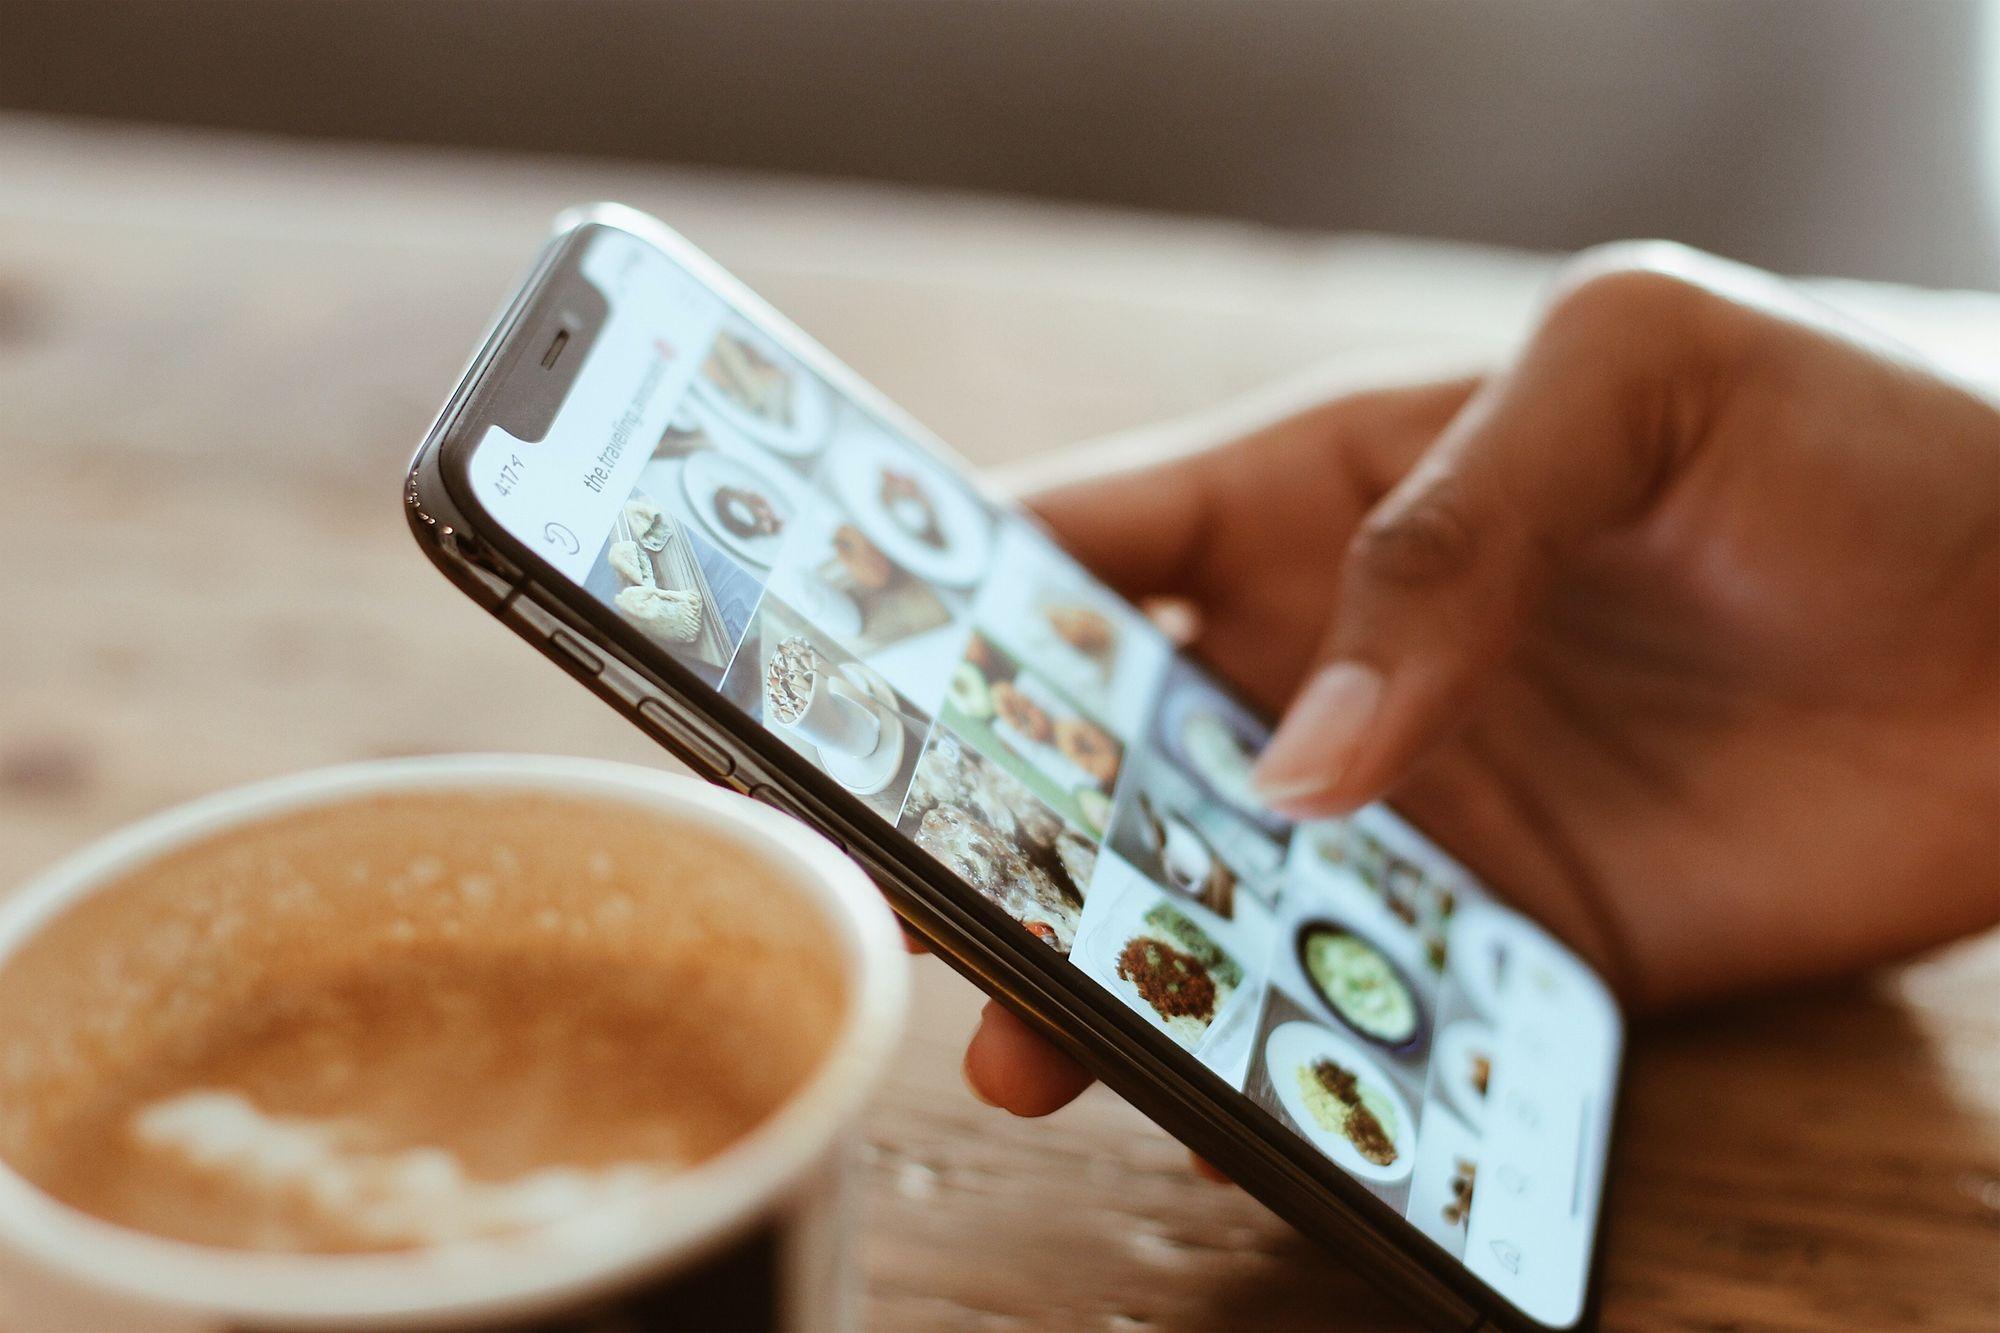 Digitalización en el negocio de comida para llevar